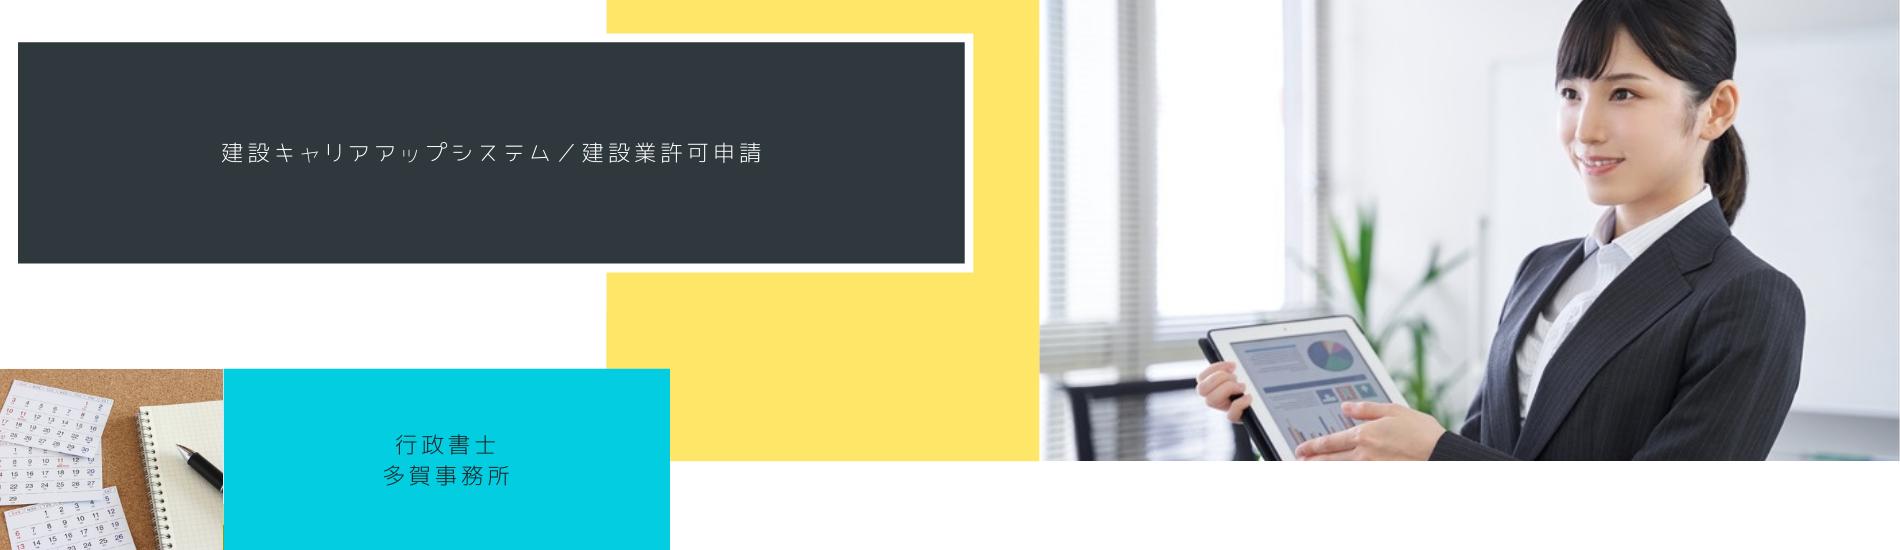 石川県能登地方や七尾市の建設業許可申請・建設キャリアアップシステム代行(CCUS)申請は行政書士多賀事務所